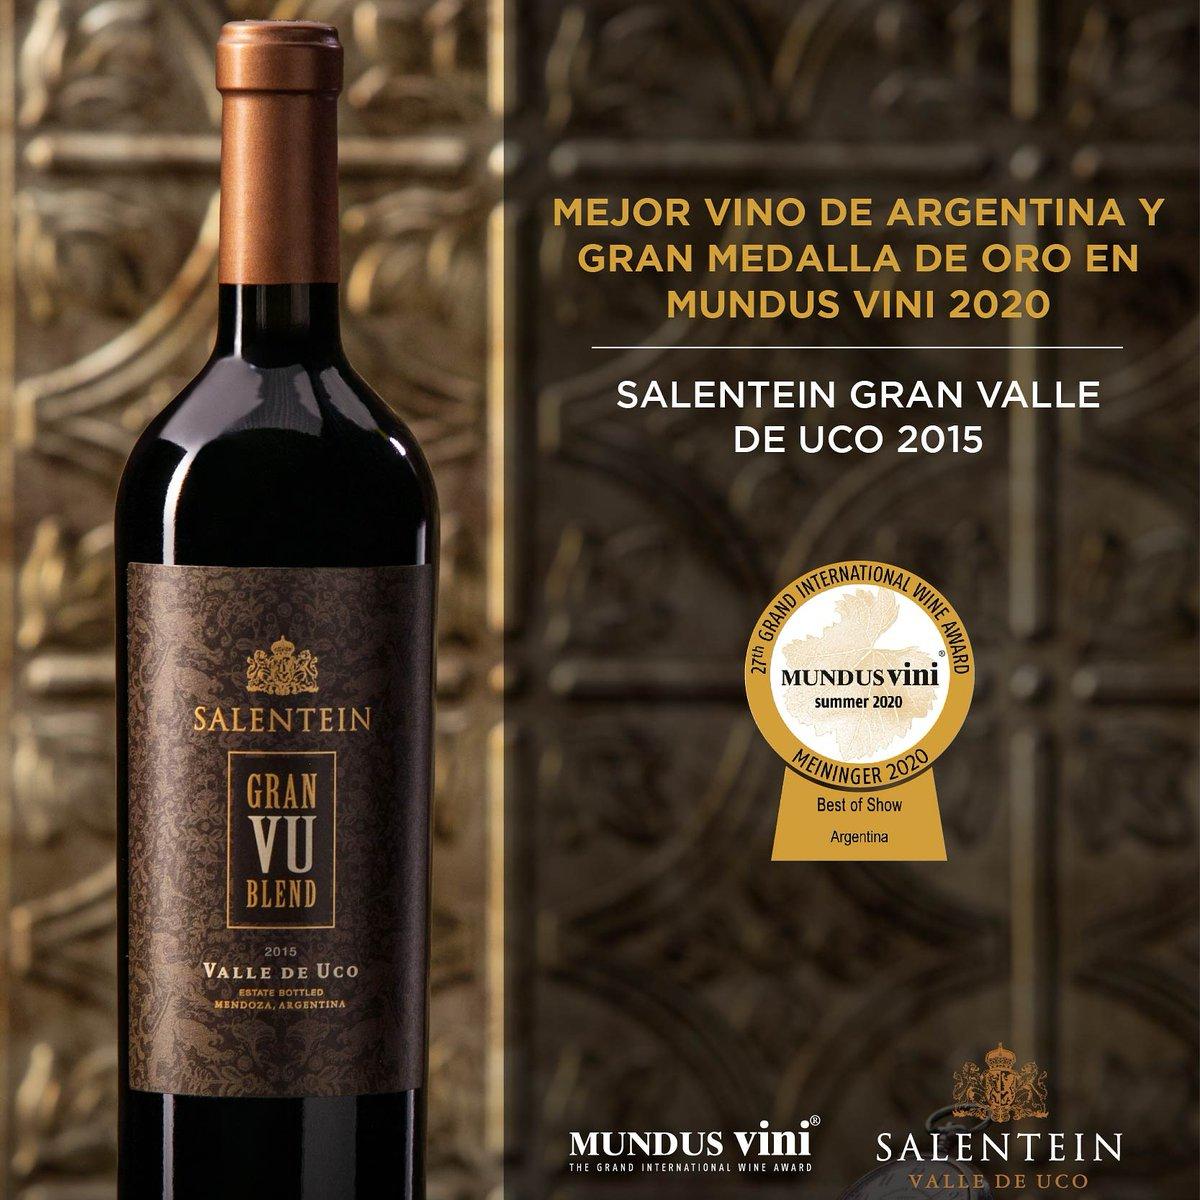 """Salentein Gran Valle de Uco """"VU"""" Blend 2015, Gran Medalla de Oro y Mejor Vino de Argentina- en la cata de verano del certamen alemán Mundus Vini: el vino ícono de la bodega es un corte de Malbec y Cabernet Sauvignon del Valle de Uco #vino #vinoargentino🇦🇷 #wine #vin #wein #vinho https://t.co/BEc98QHoE9"""